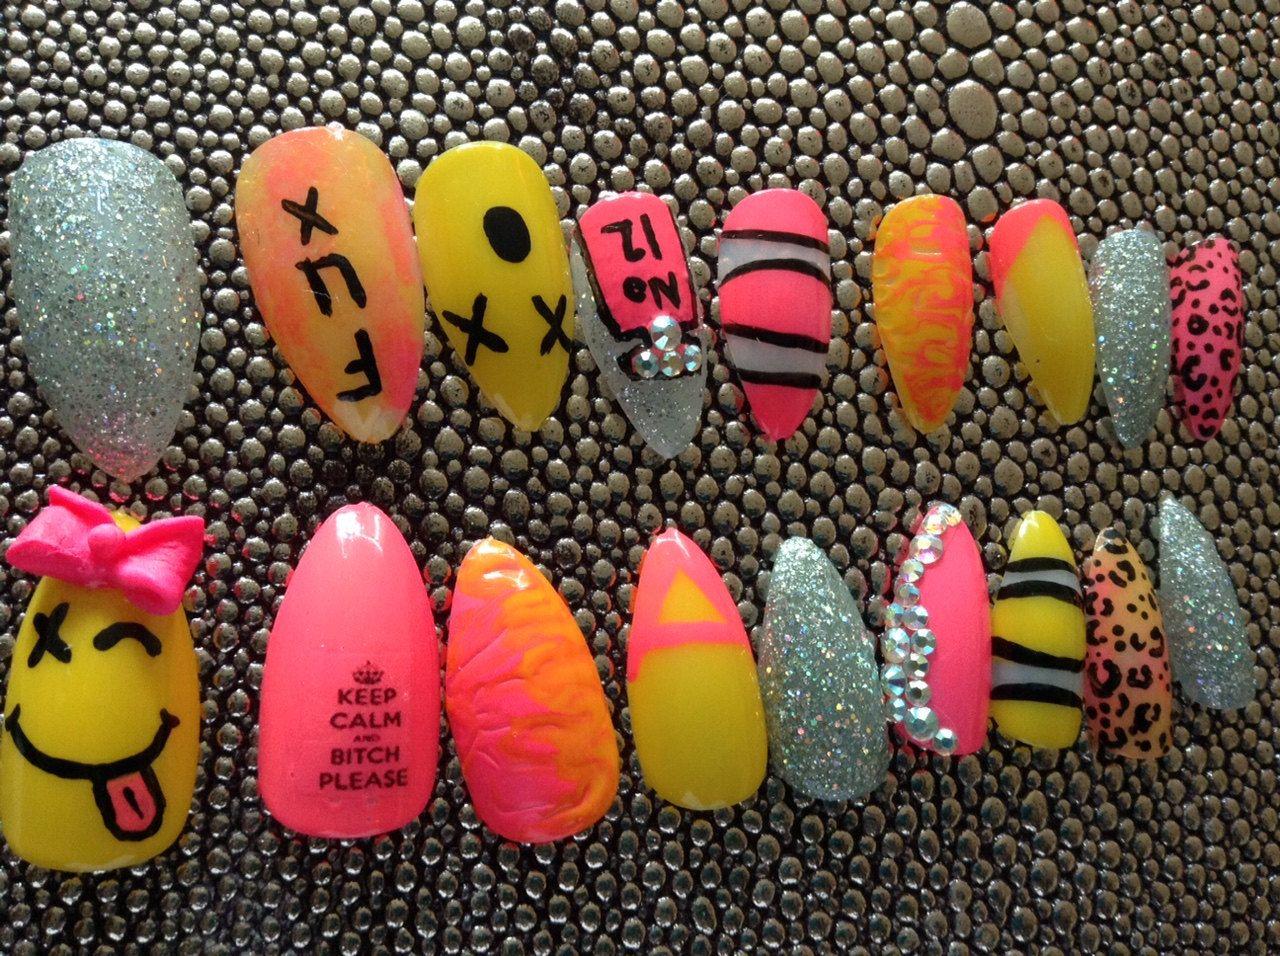 Colorful, press on nails,fake nails, pink,reusable nails, fun nails ...